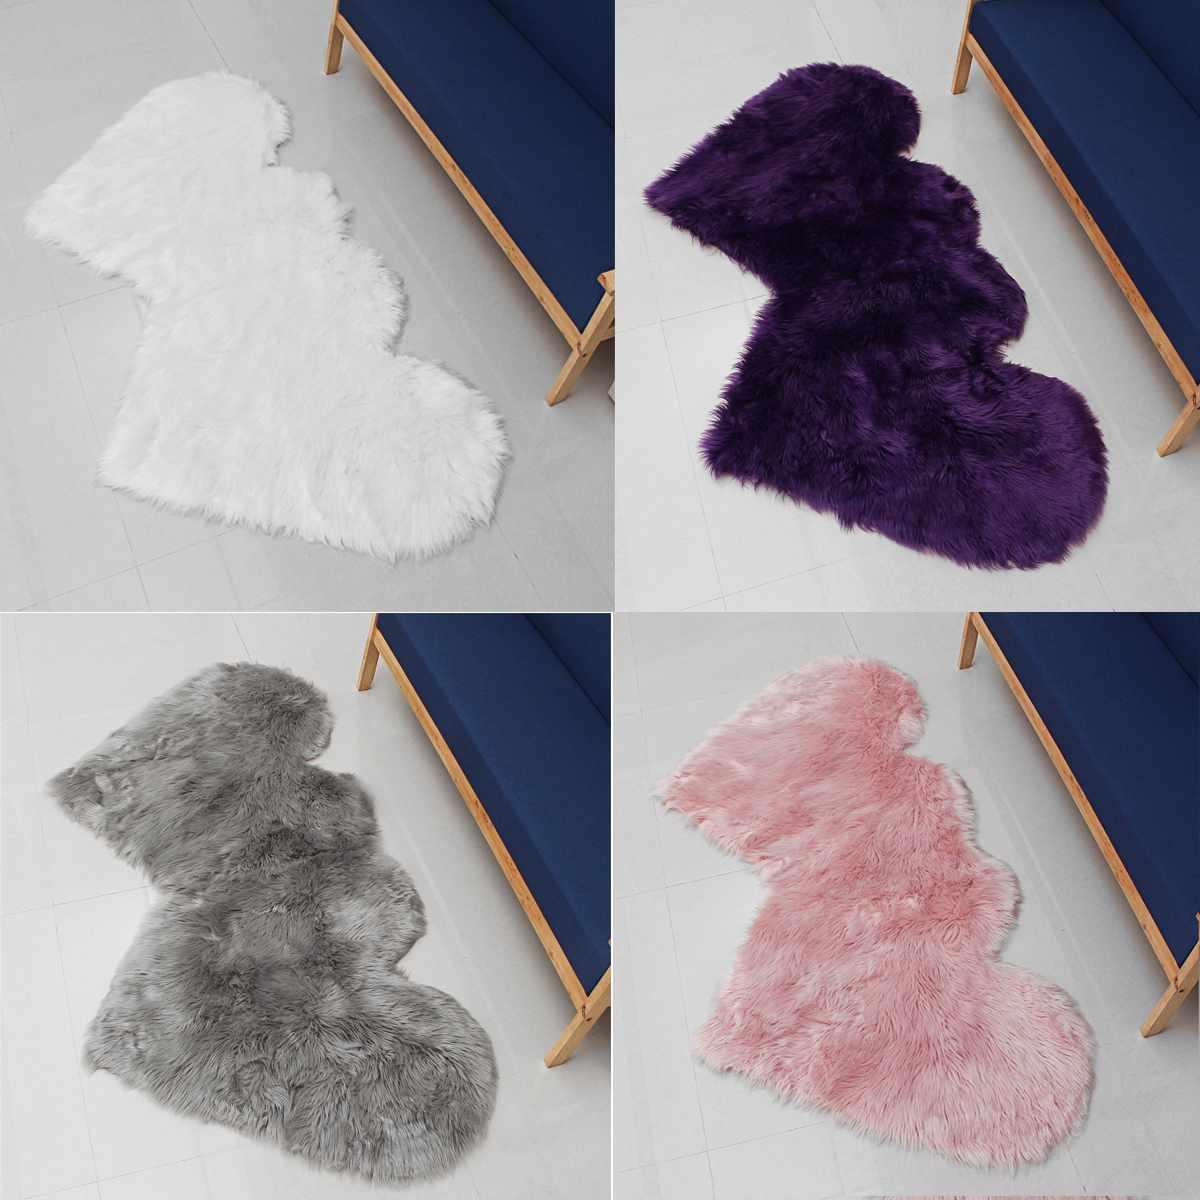 Coeur lié à coeur forme grand tapis tapis pour la maison chambre salon décor Super Shaggy tapis de fourrure doux Faux laine tapis